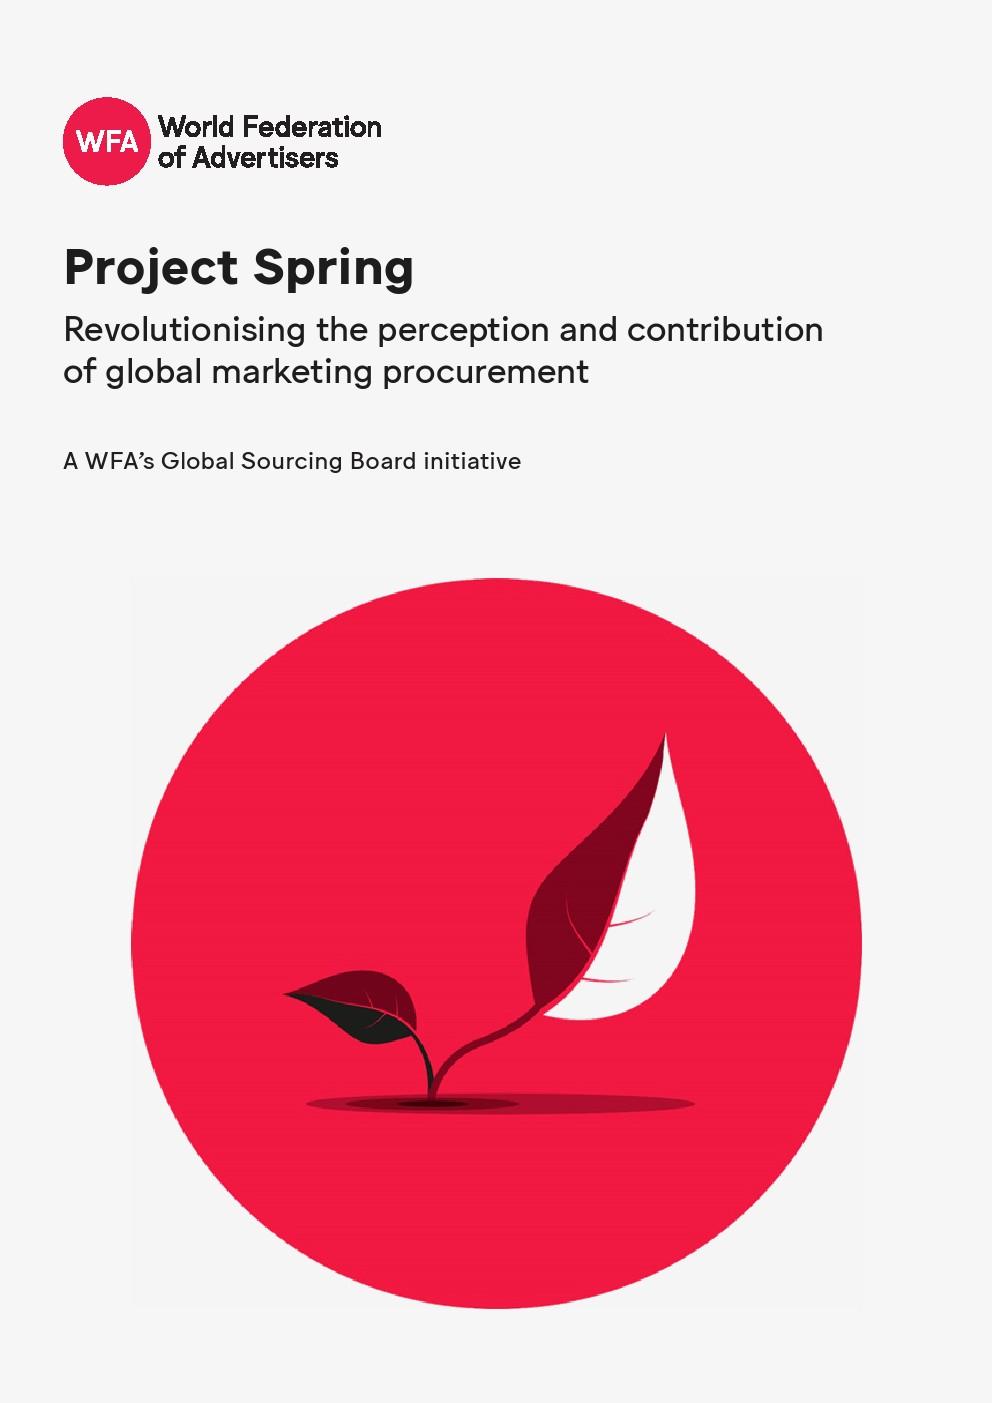 世界广告主联合会:改变全球营销采购观念和贡献